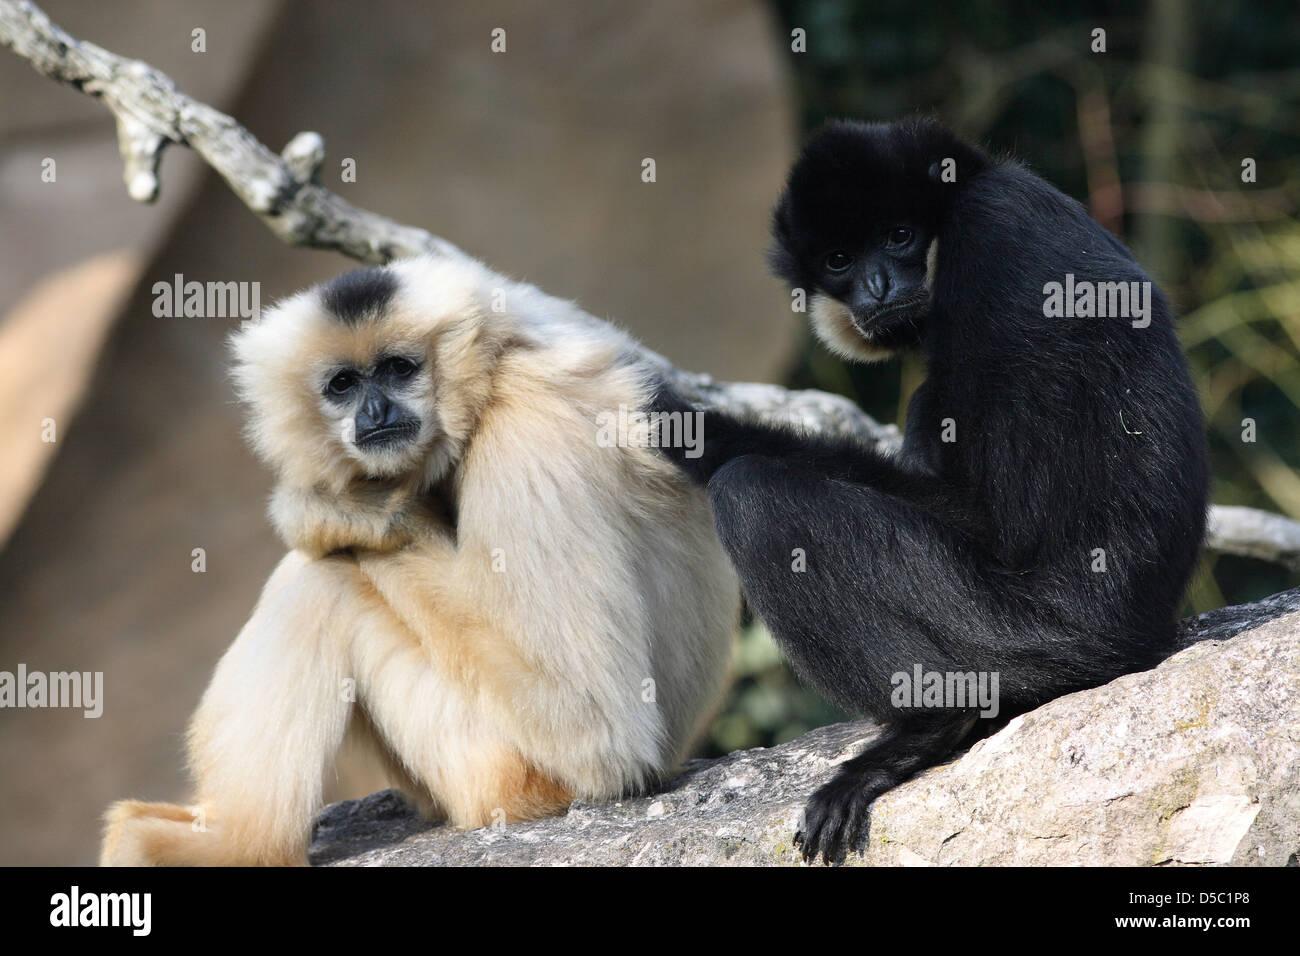 Wildlife Monkies Monkey Stock Photo Alamy Kandy saint city of sri lanka. https www alamy com stock photo wildlife monkies monkey 54969216 html